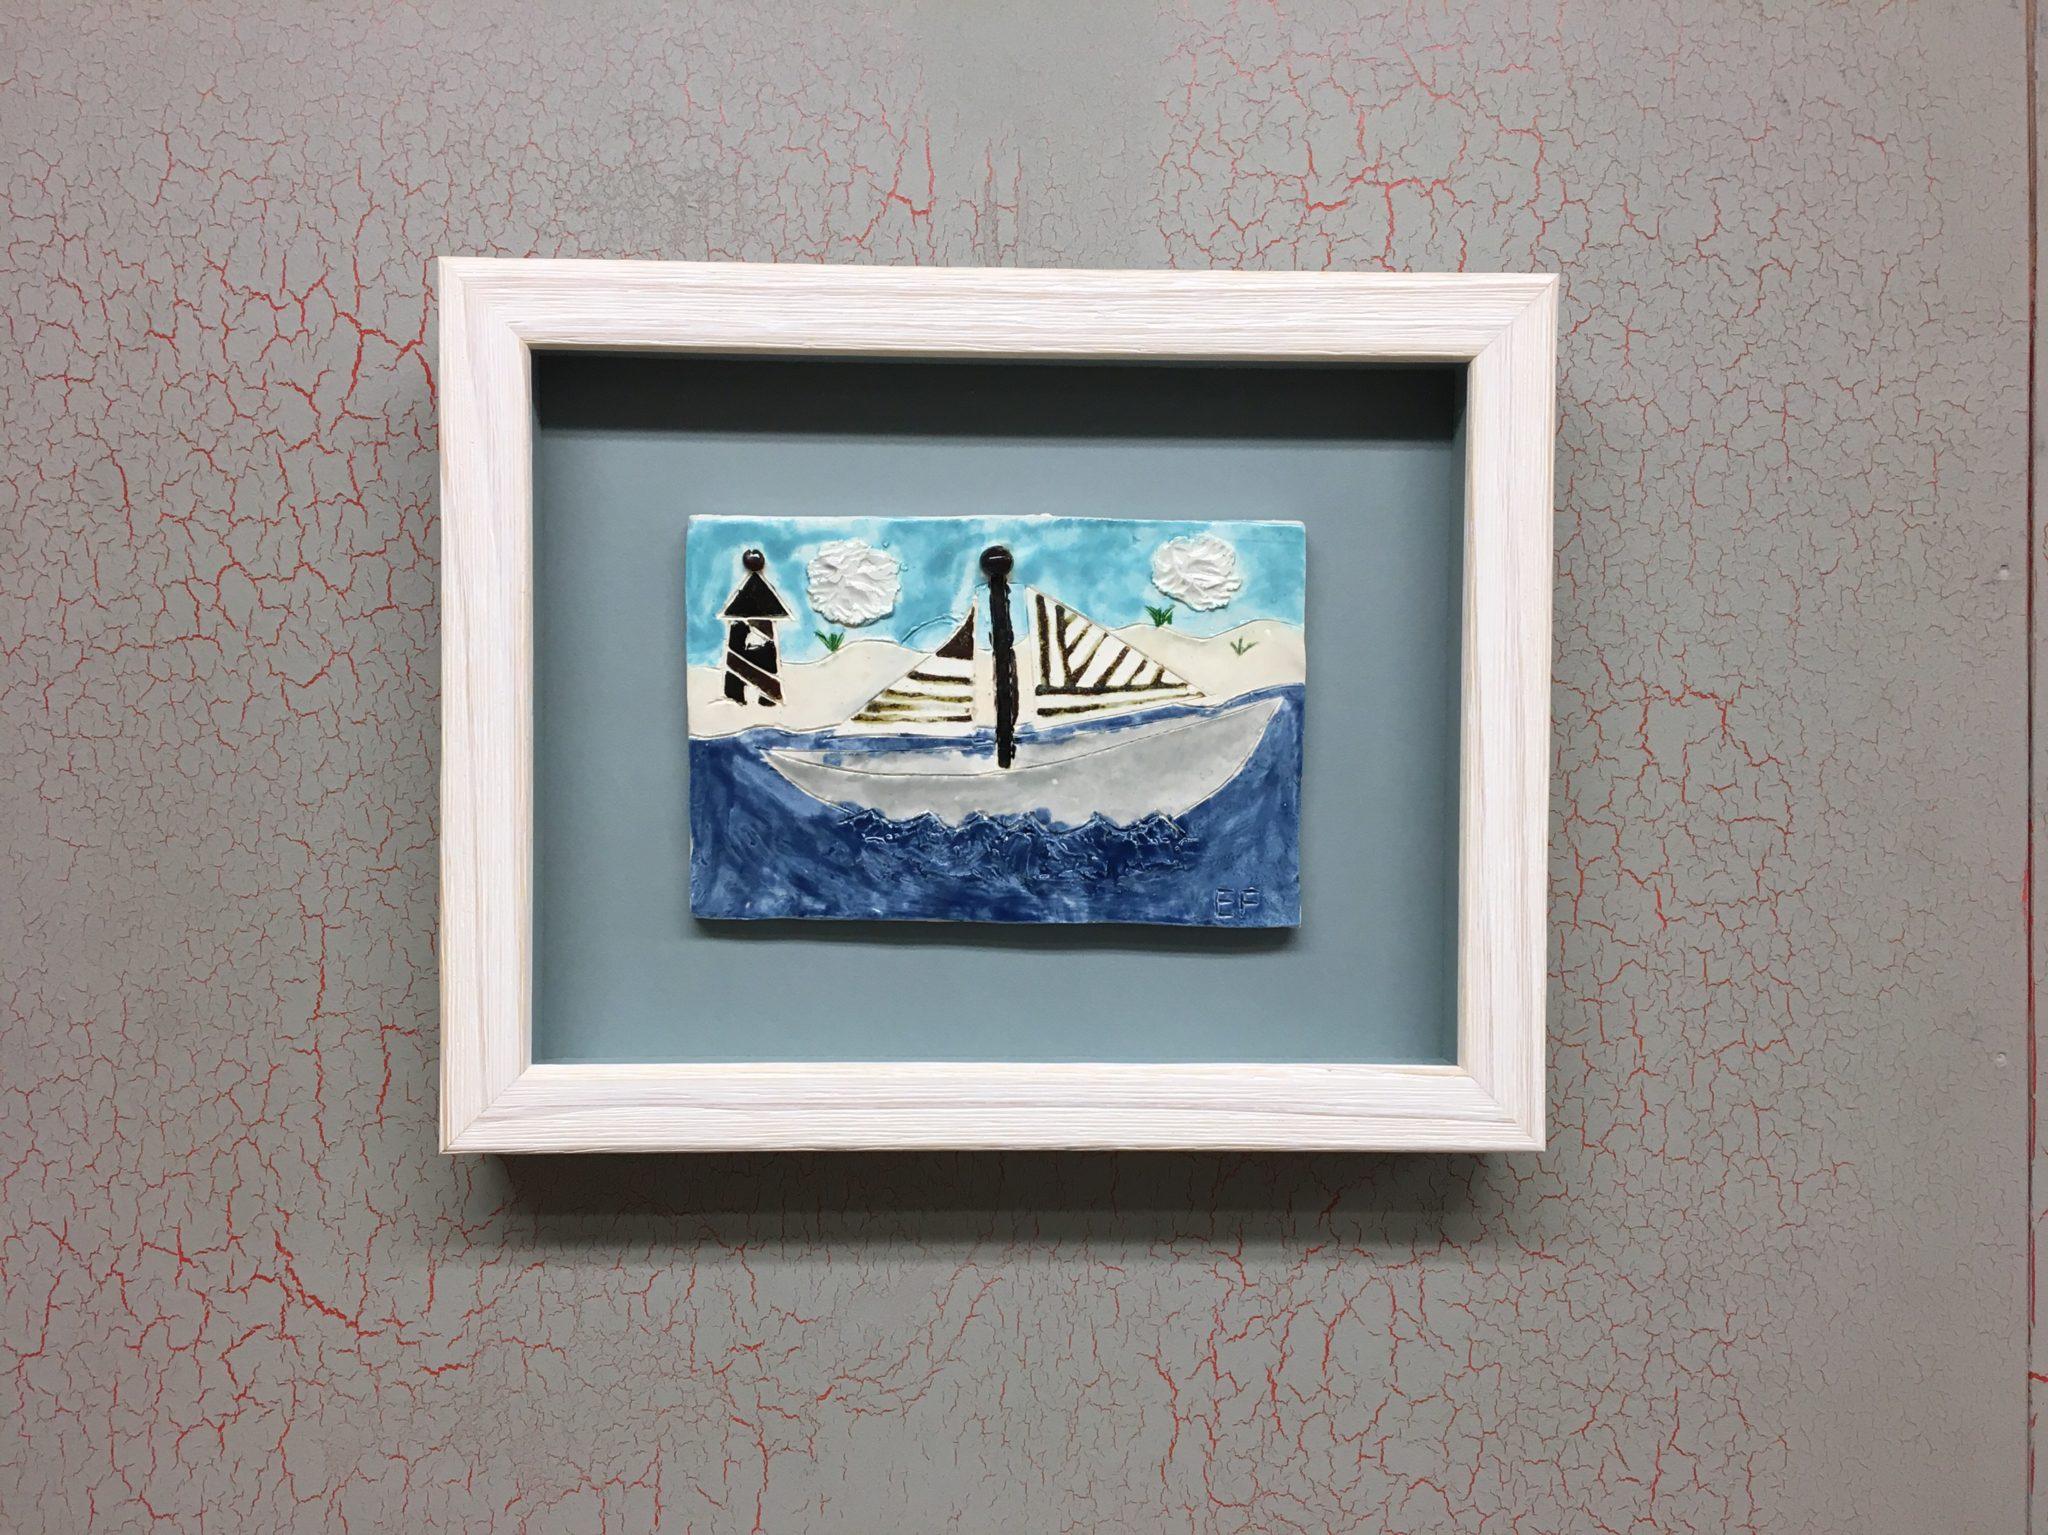 Kids Art Handmade Ceramic Tile Framed In A Custom Shadow Box